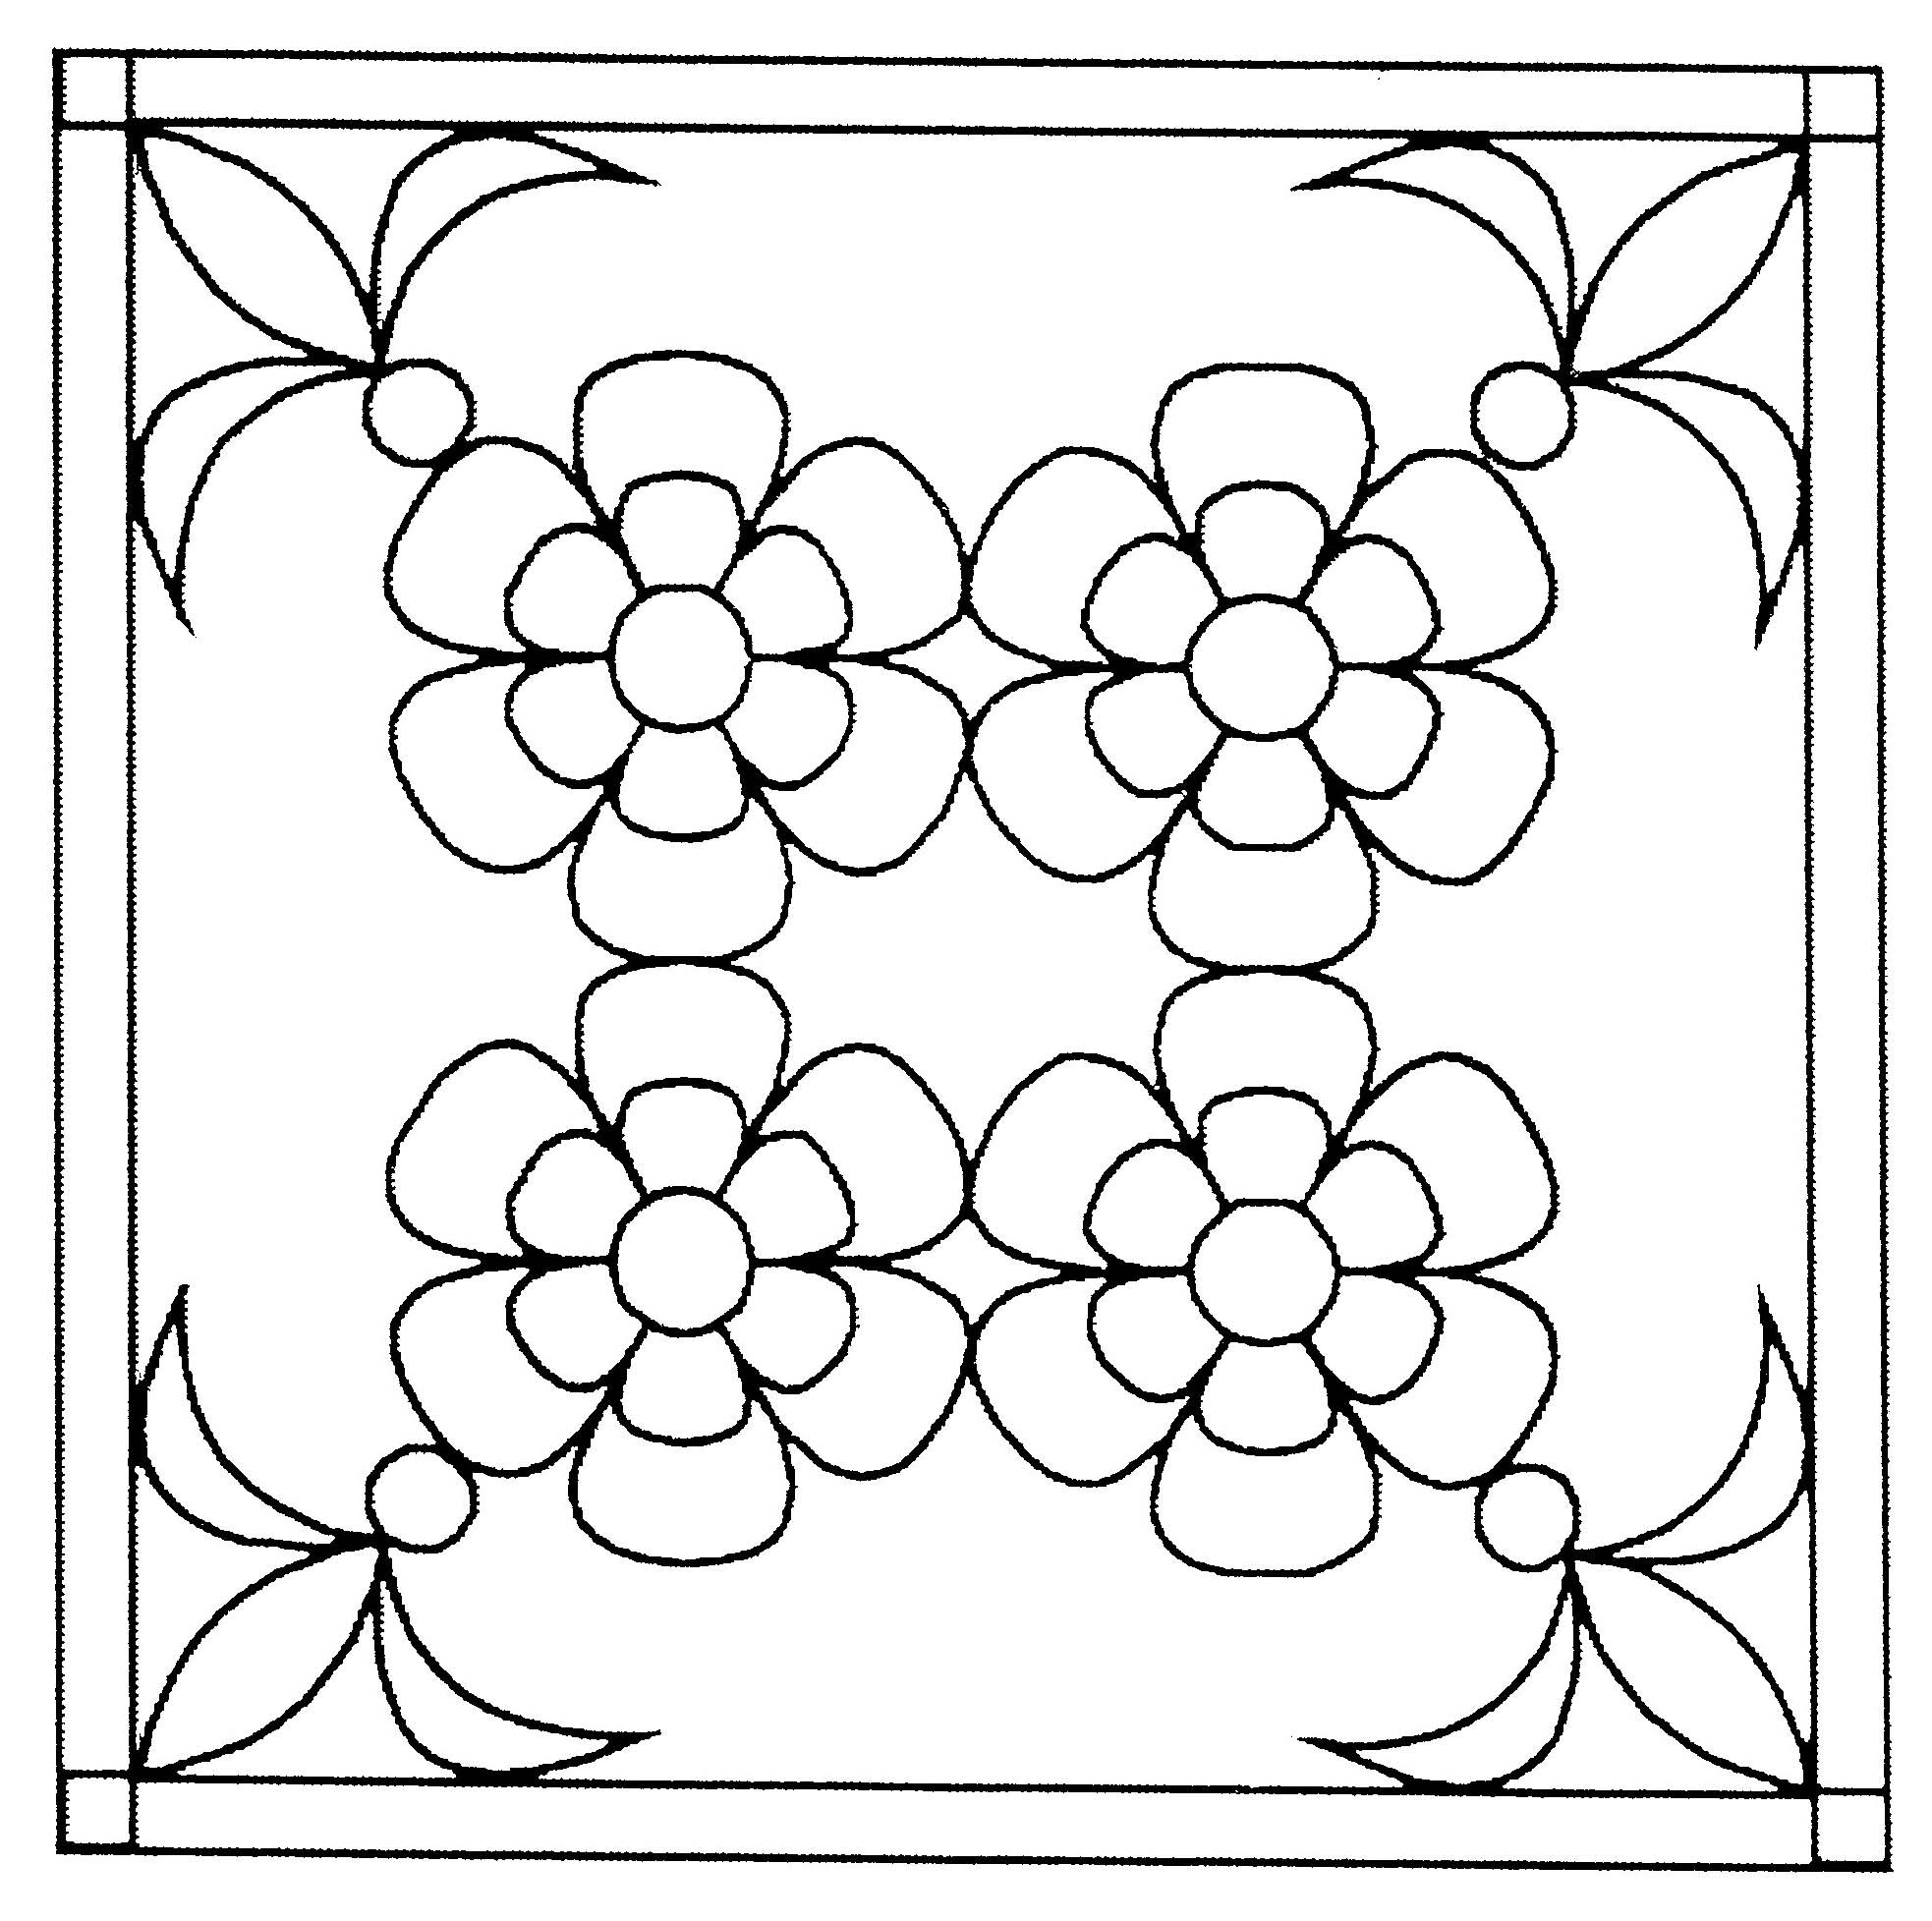 Coloriage Fleur Printemps A Imprimer.Coloriage Les Fleurs Du Printemps Image De Printemps A Imprimer